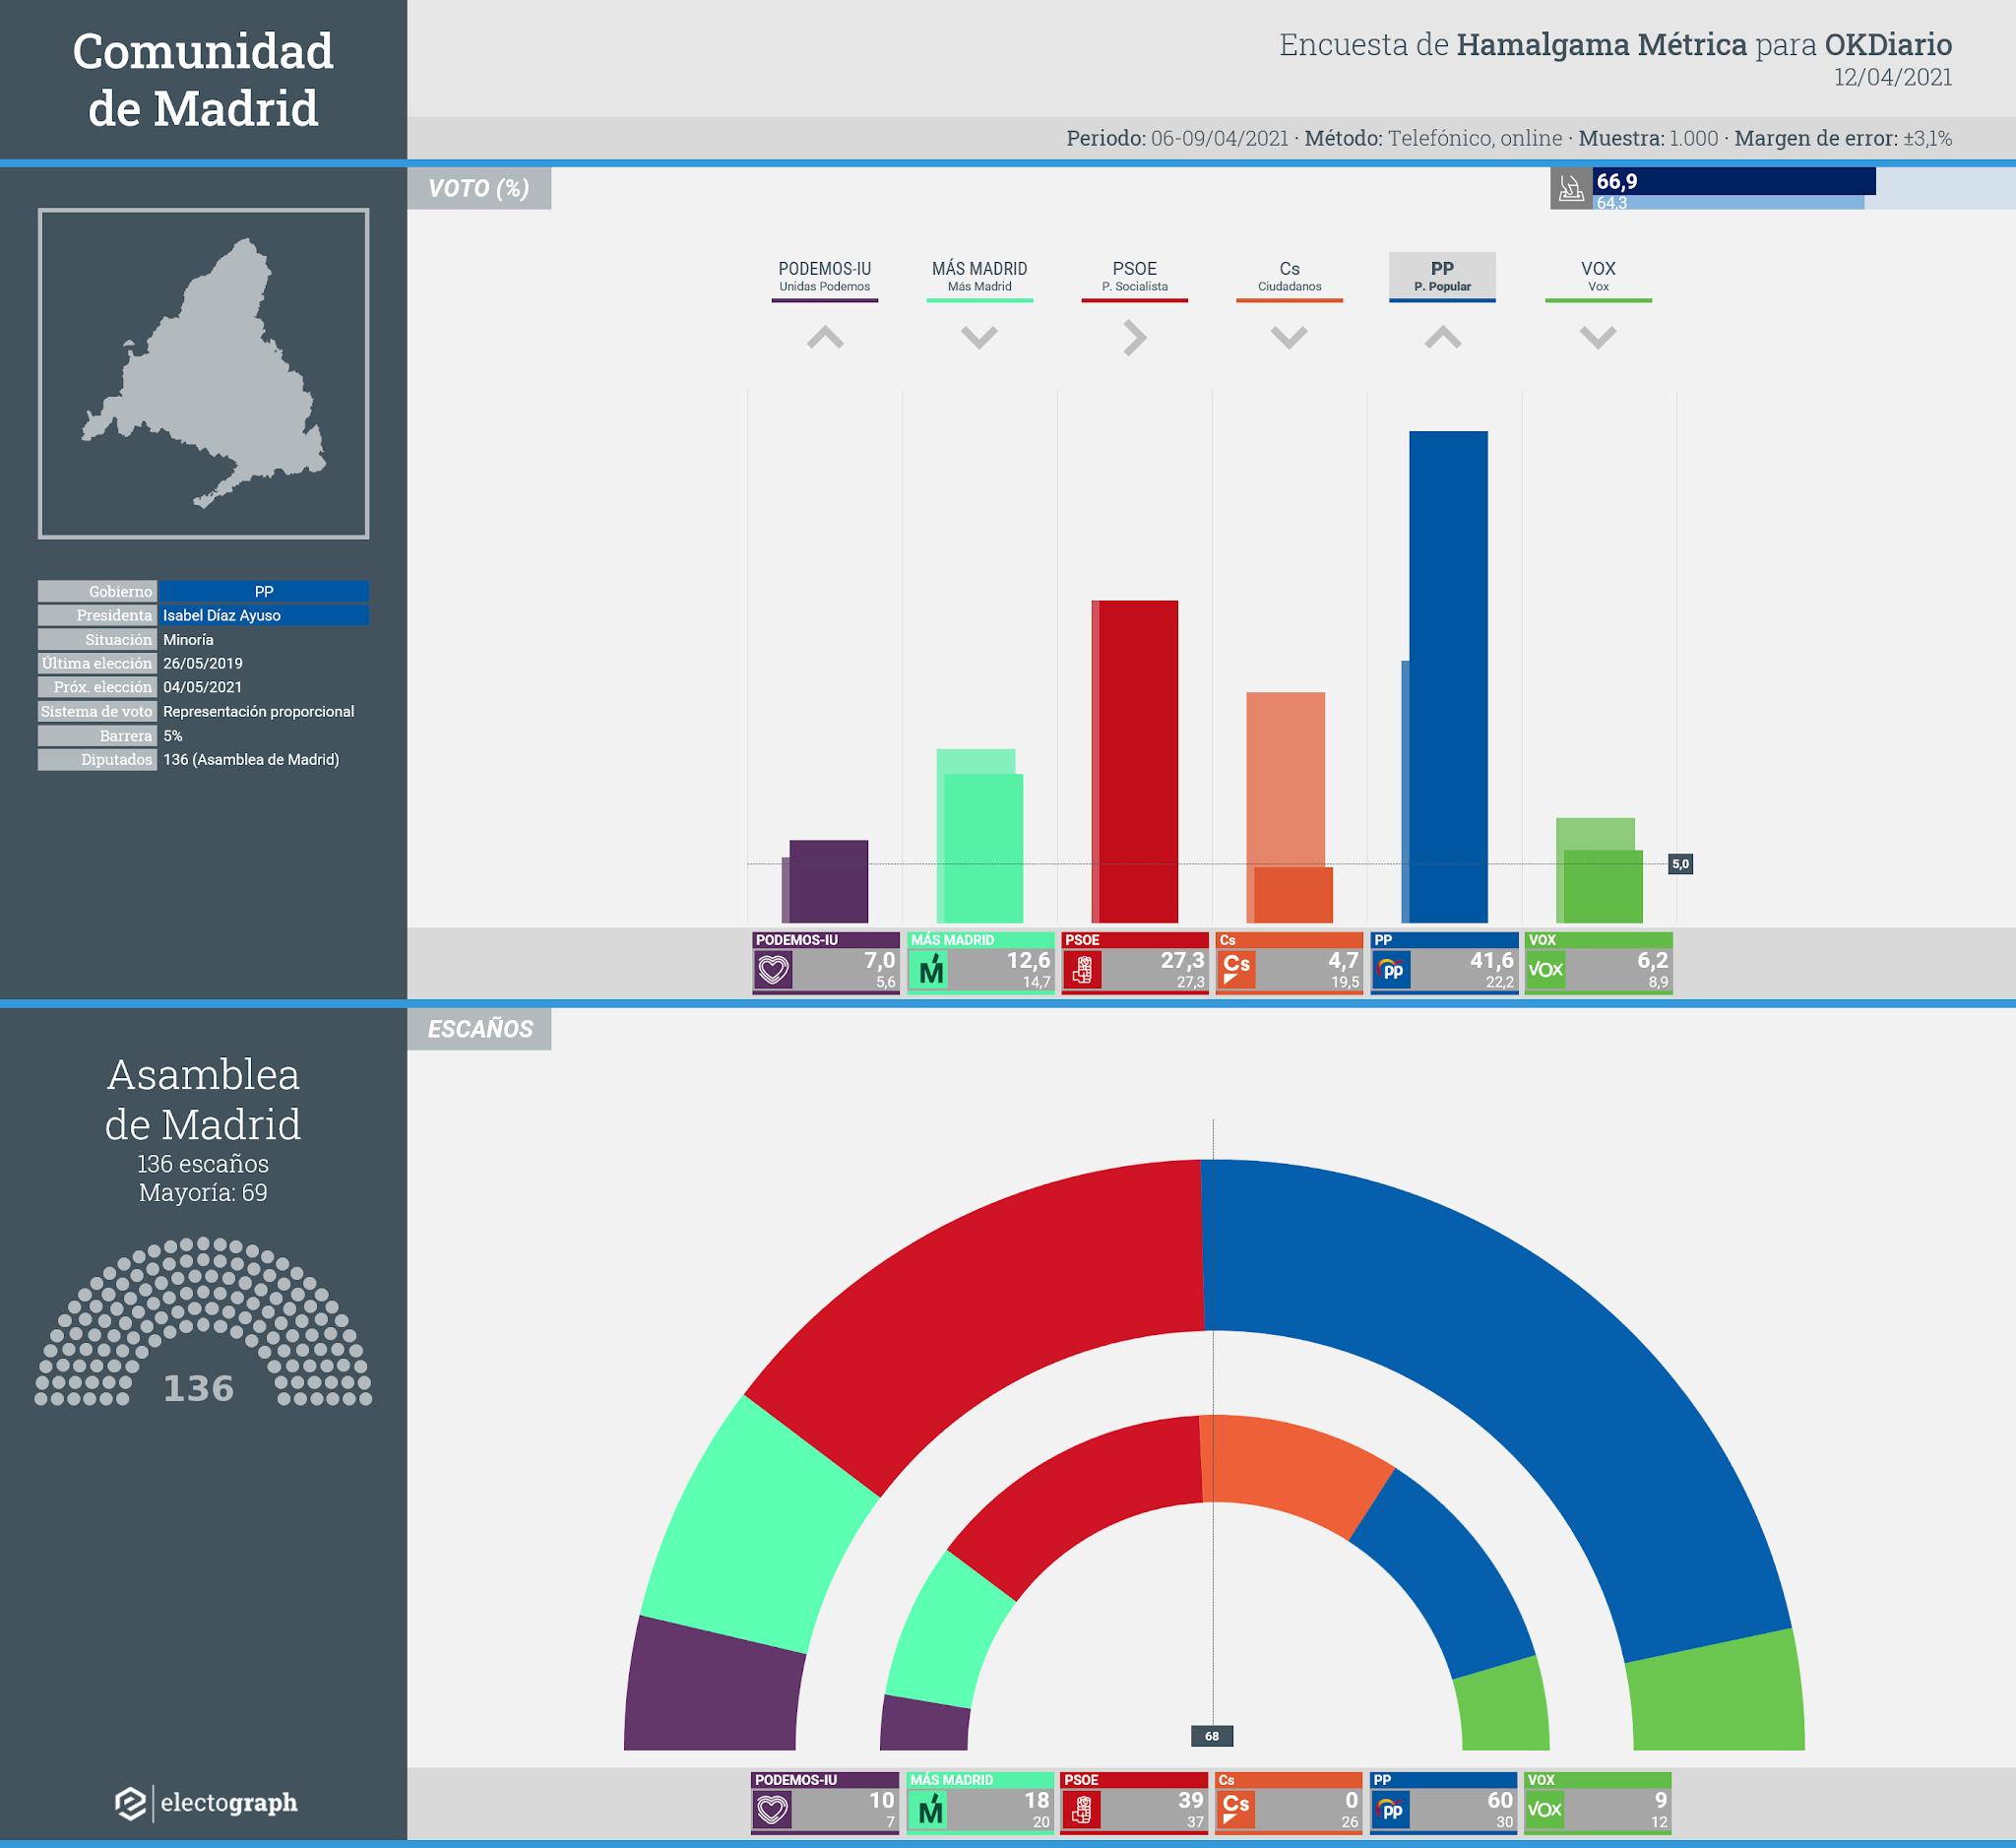 Gráfico de la encuesta para elecciones autonómicas en la Comunidad de Madrid realizada por Hamalgama Métrica para OKDiario, 12 de abril de 2021